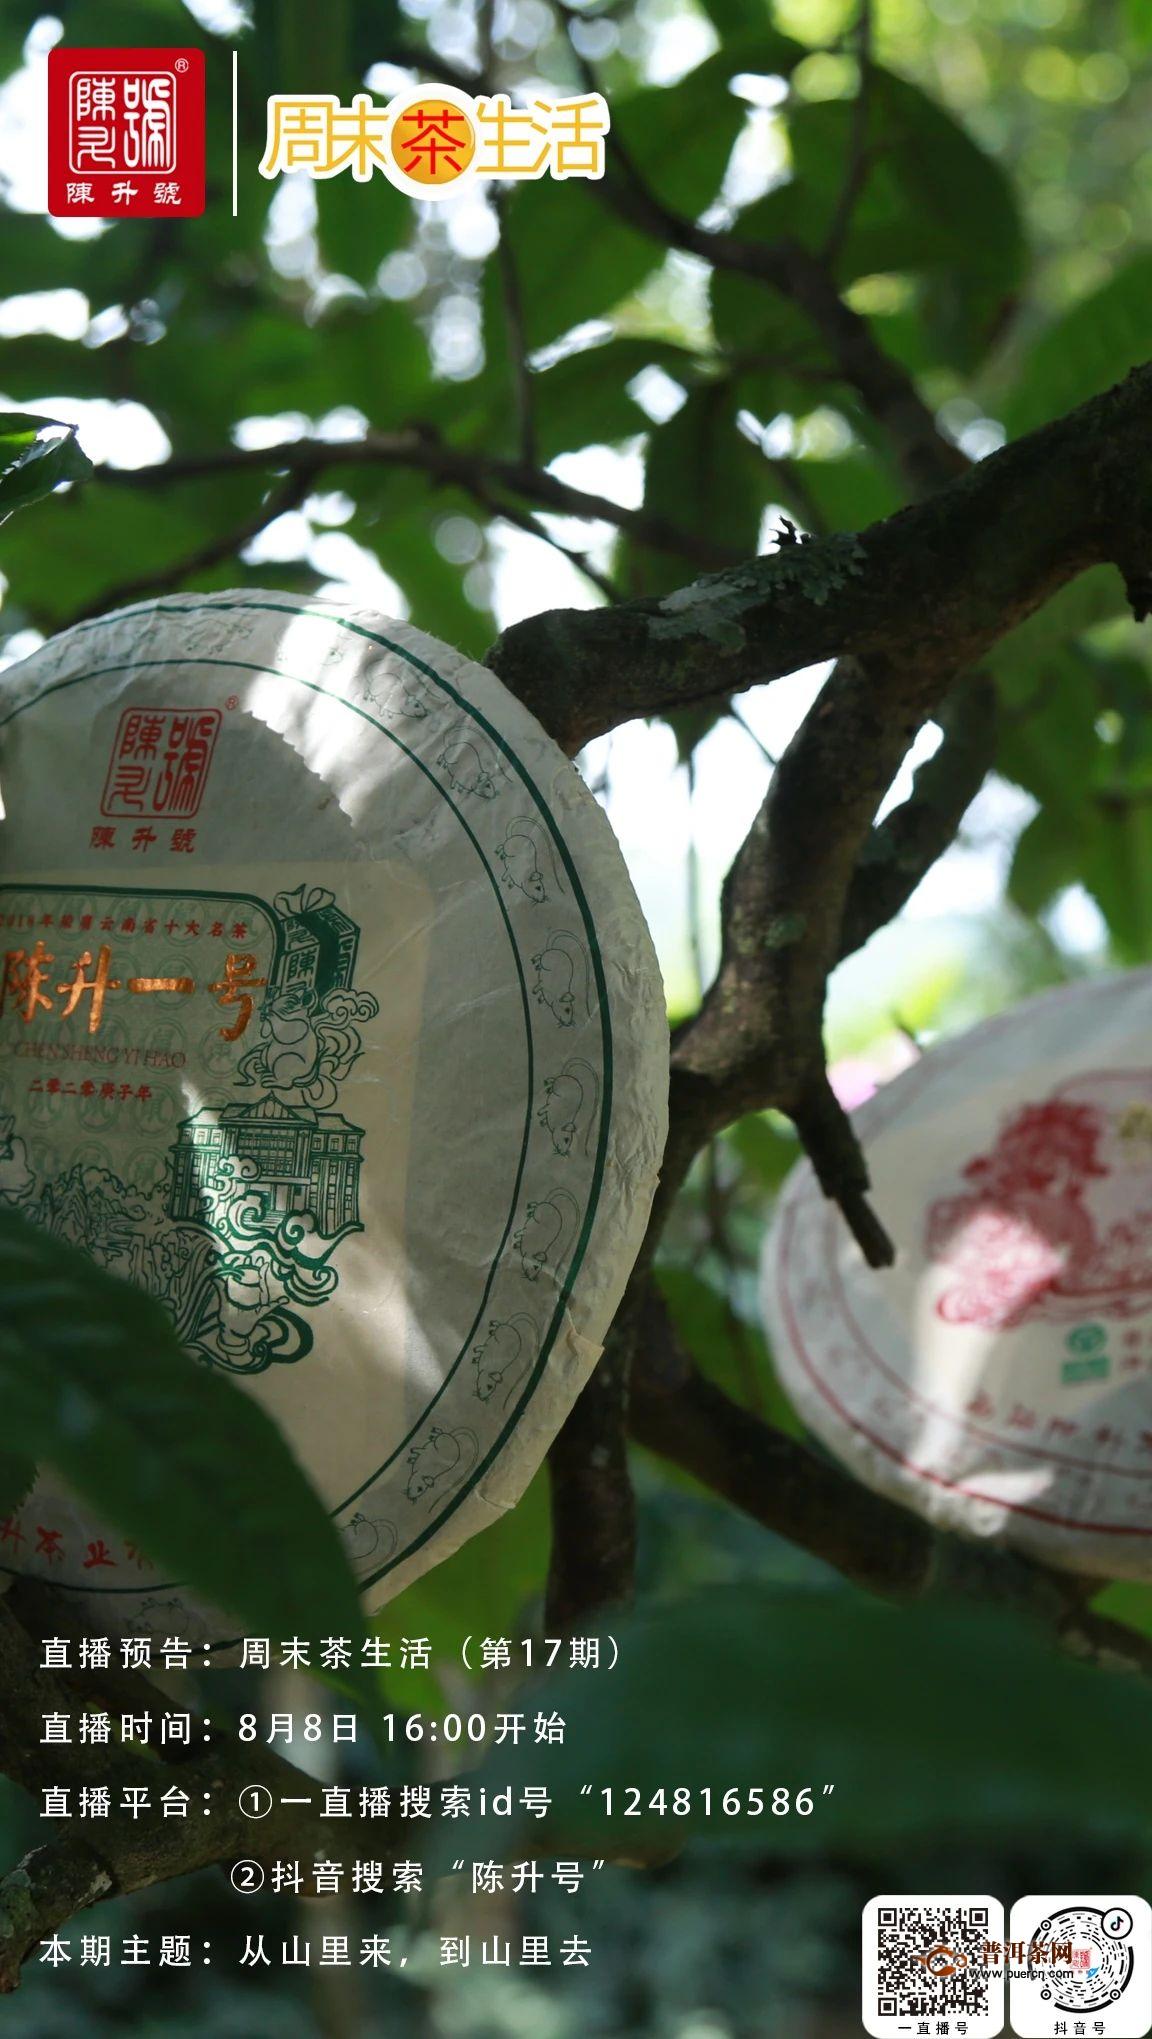 陈升号周末茶生活(第17期)